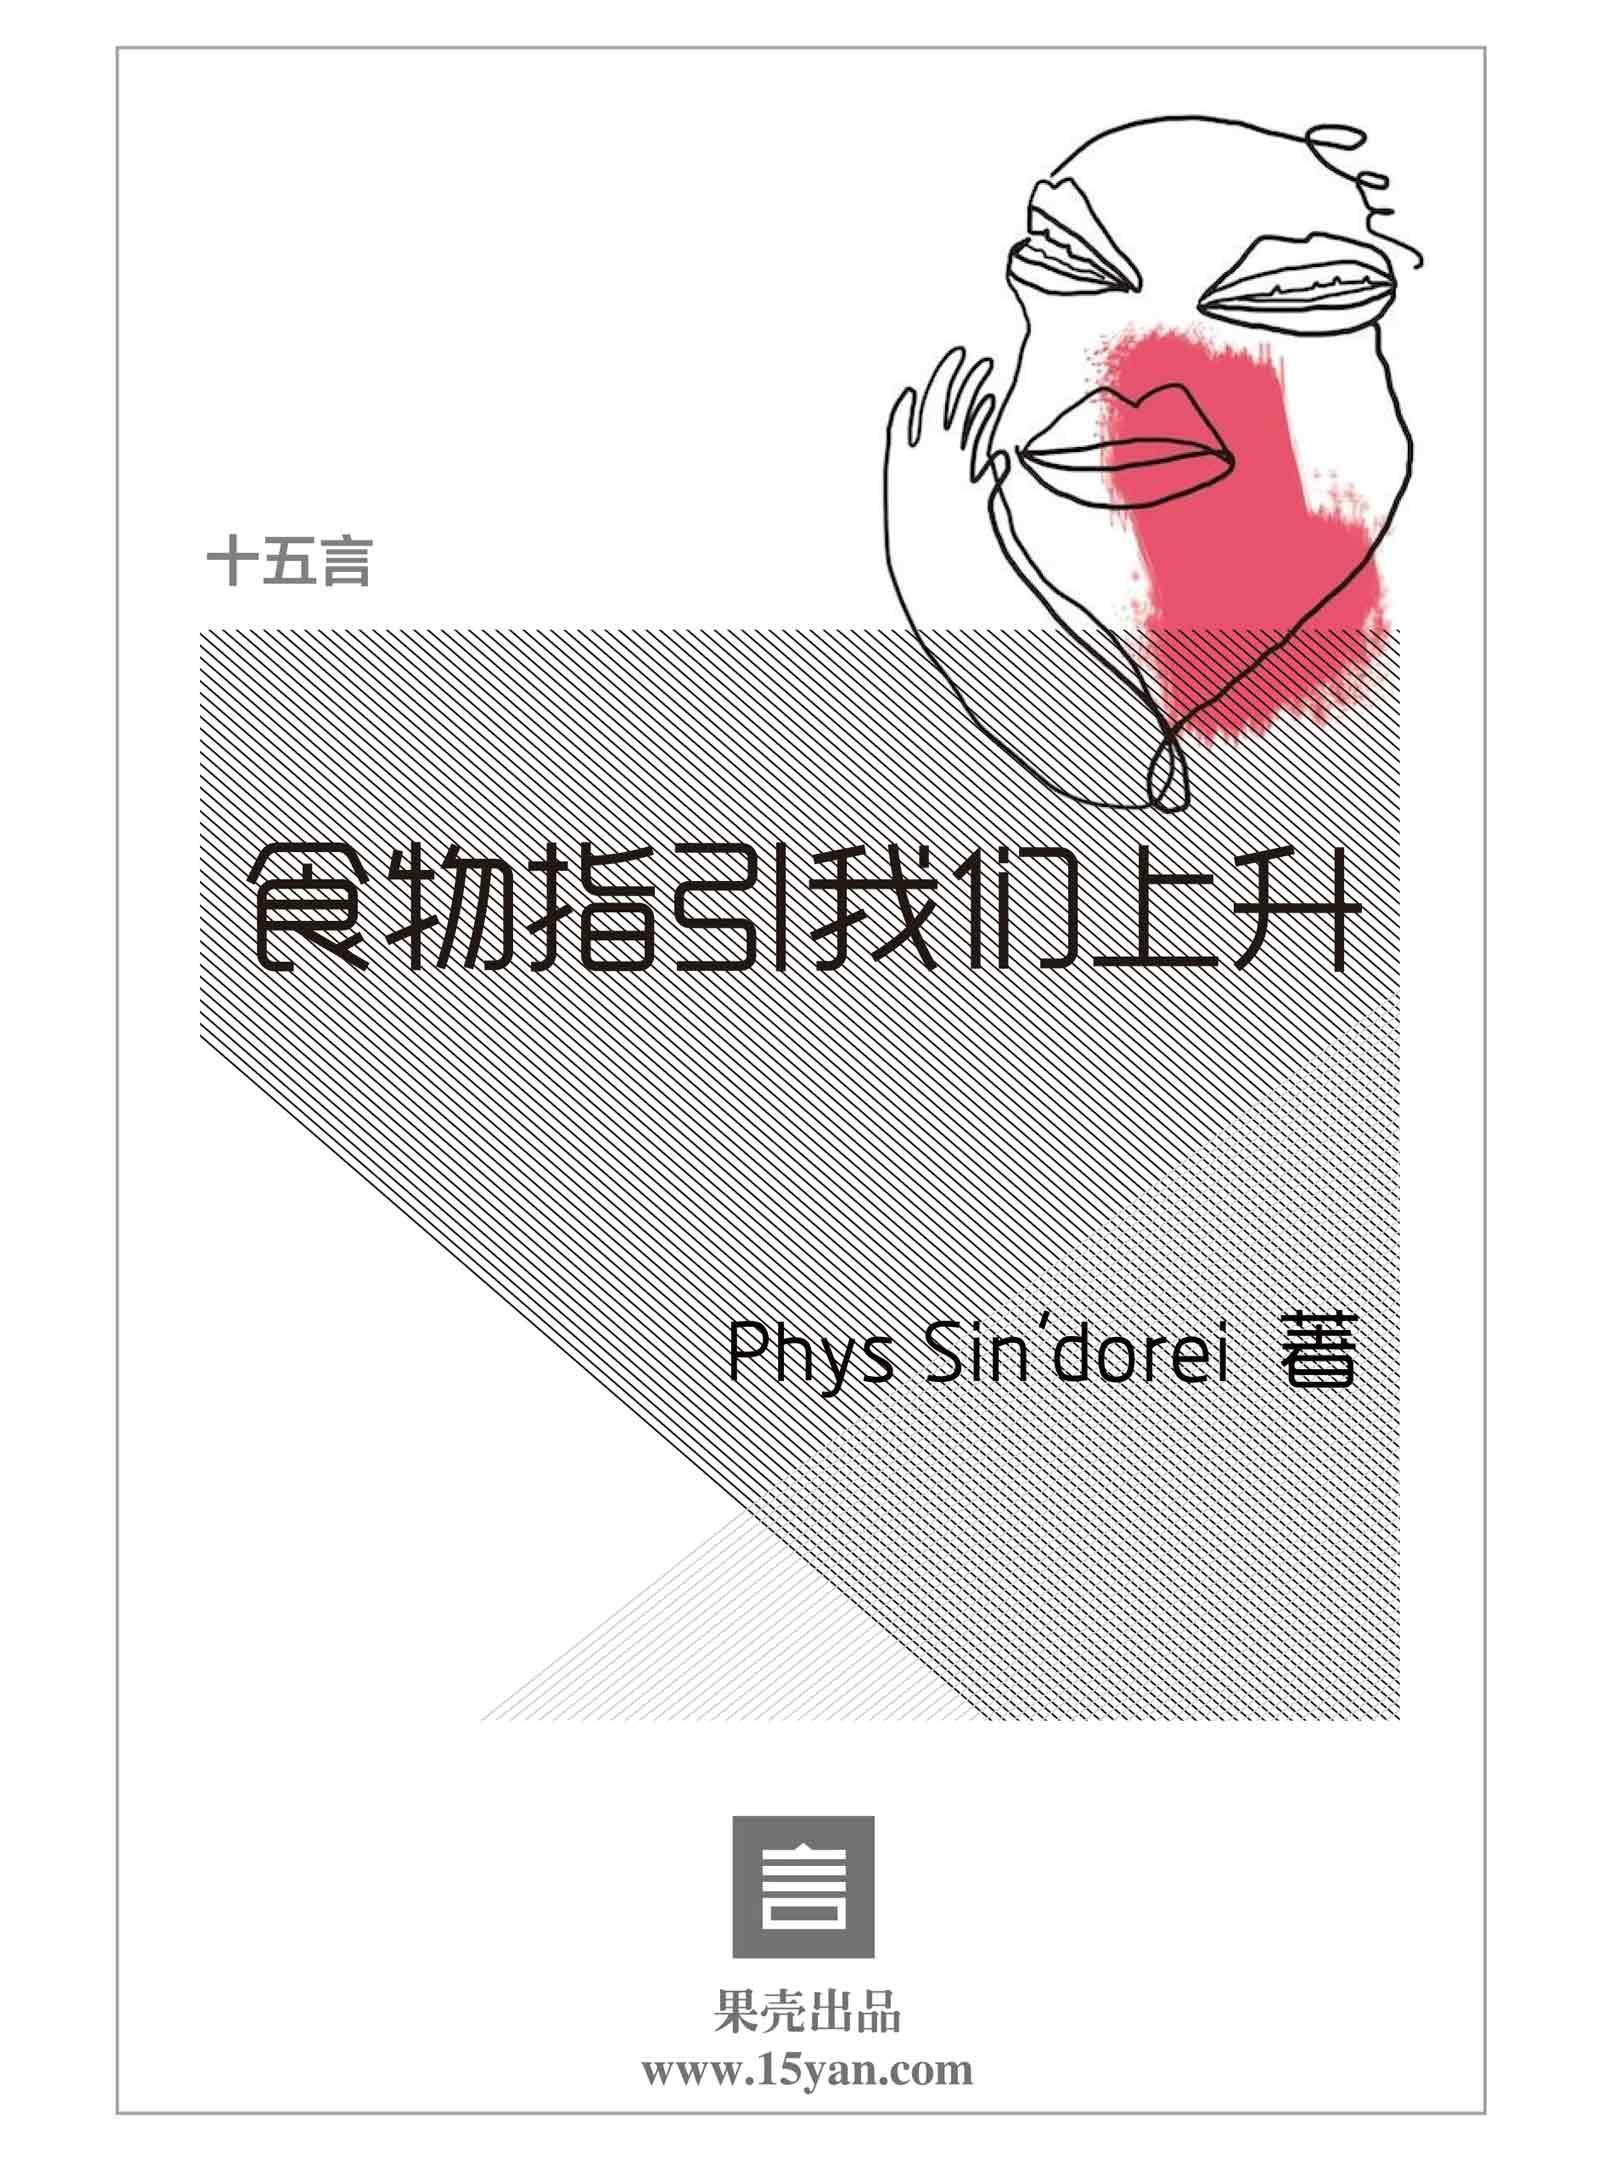 食物指引我们上升·十五言Phys Sindorei文集(果壳·十五言系列)